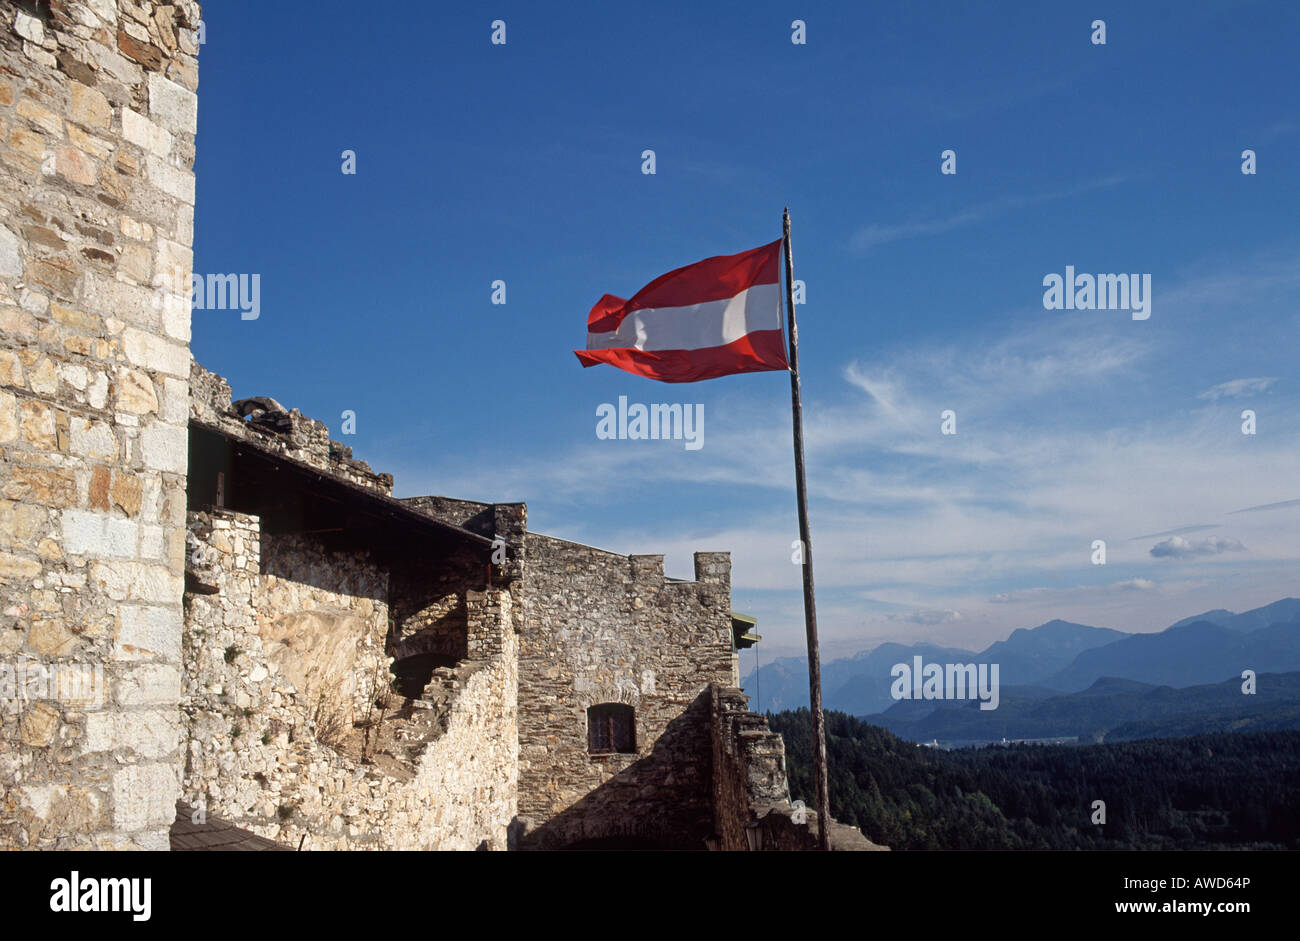 Austrian flag on Mt. Landskron, Carinthia, Austria, Europe Stock Photo